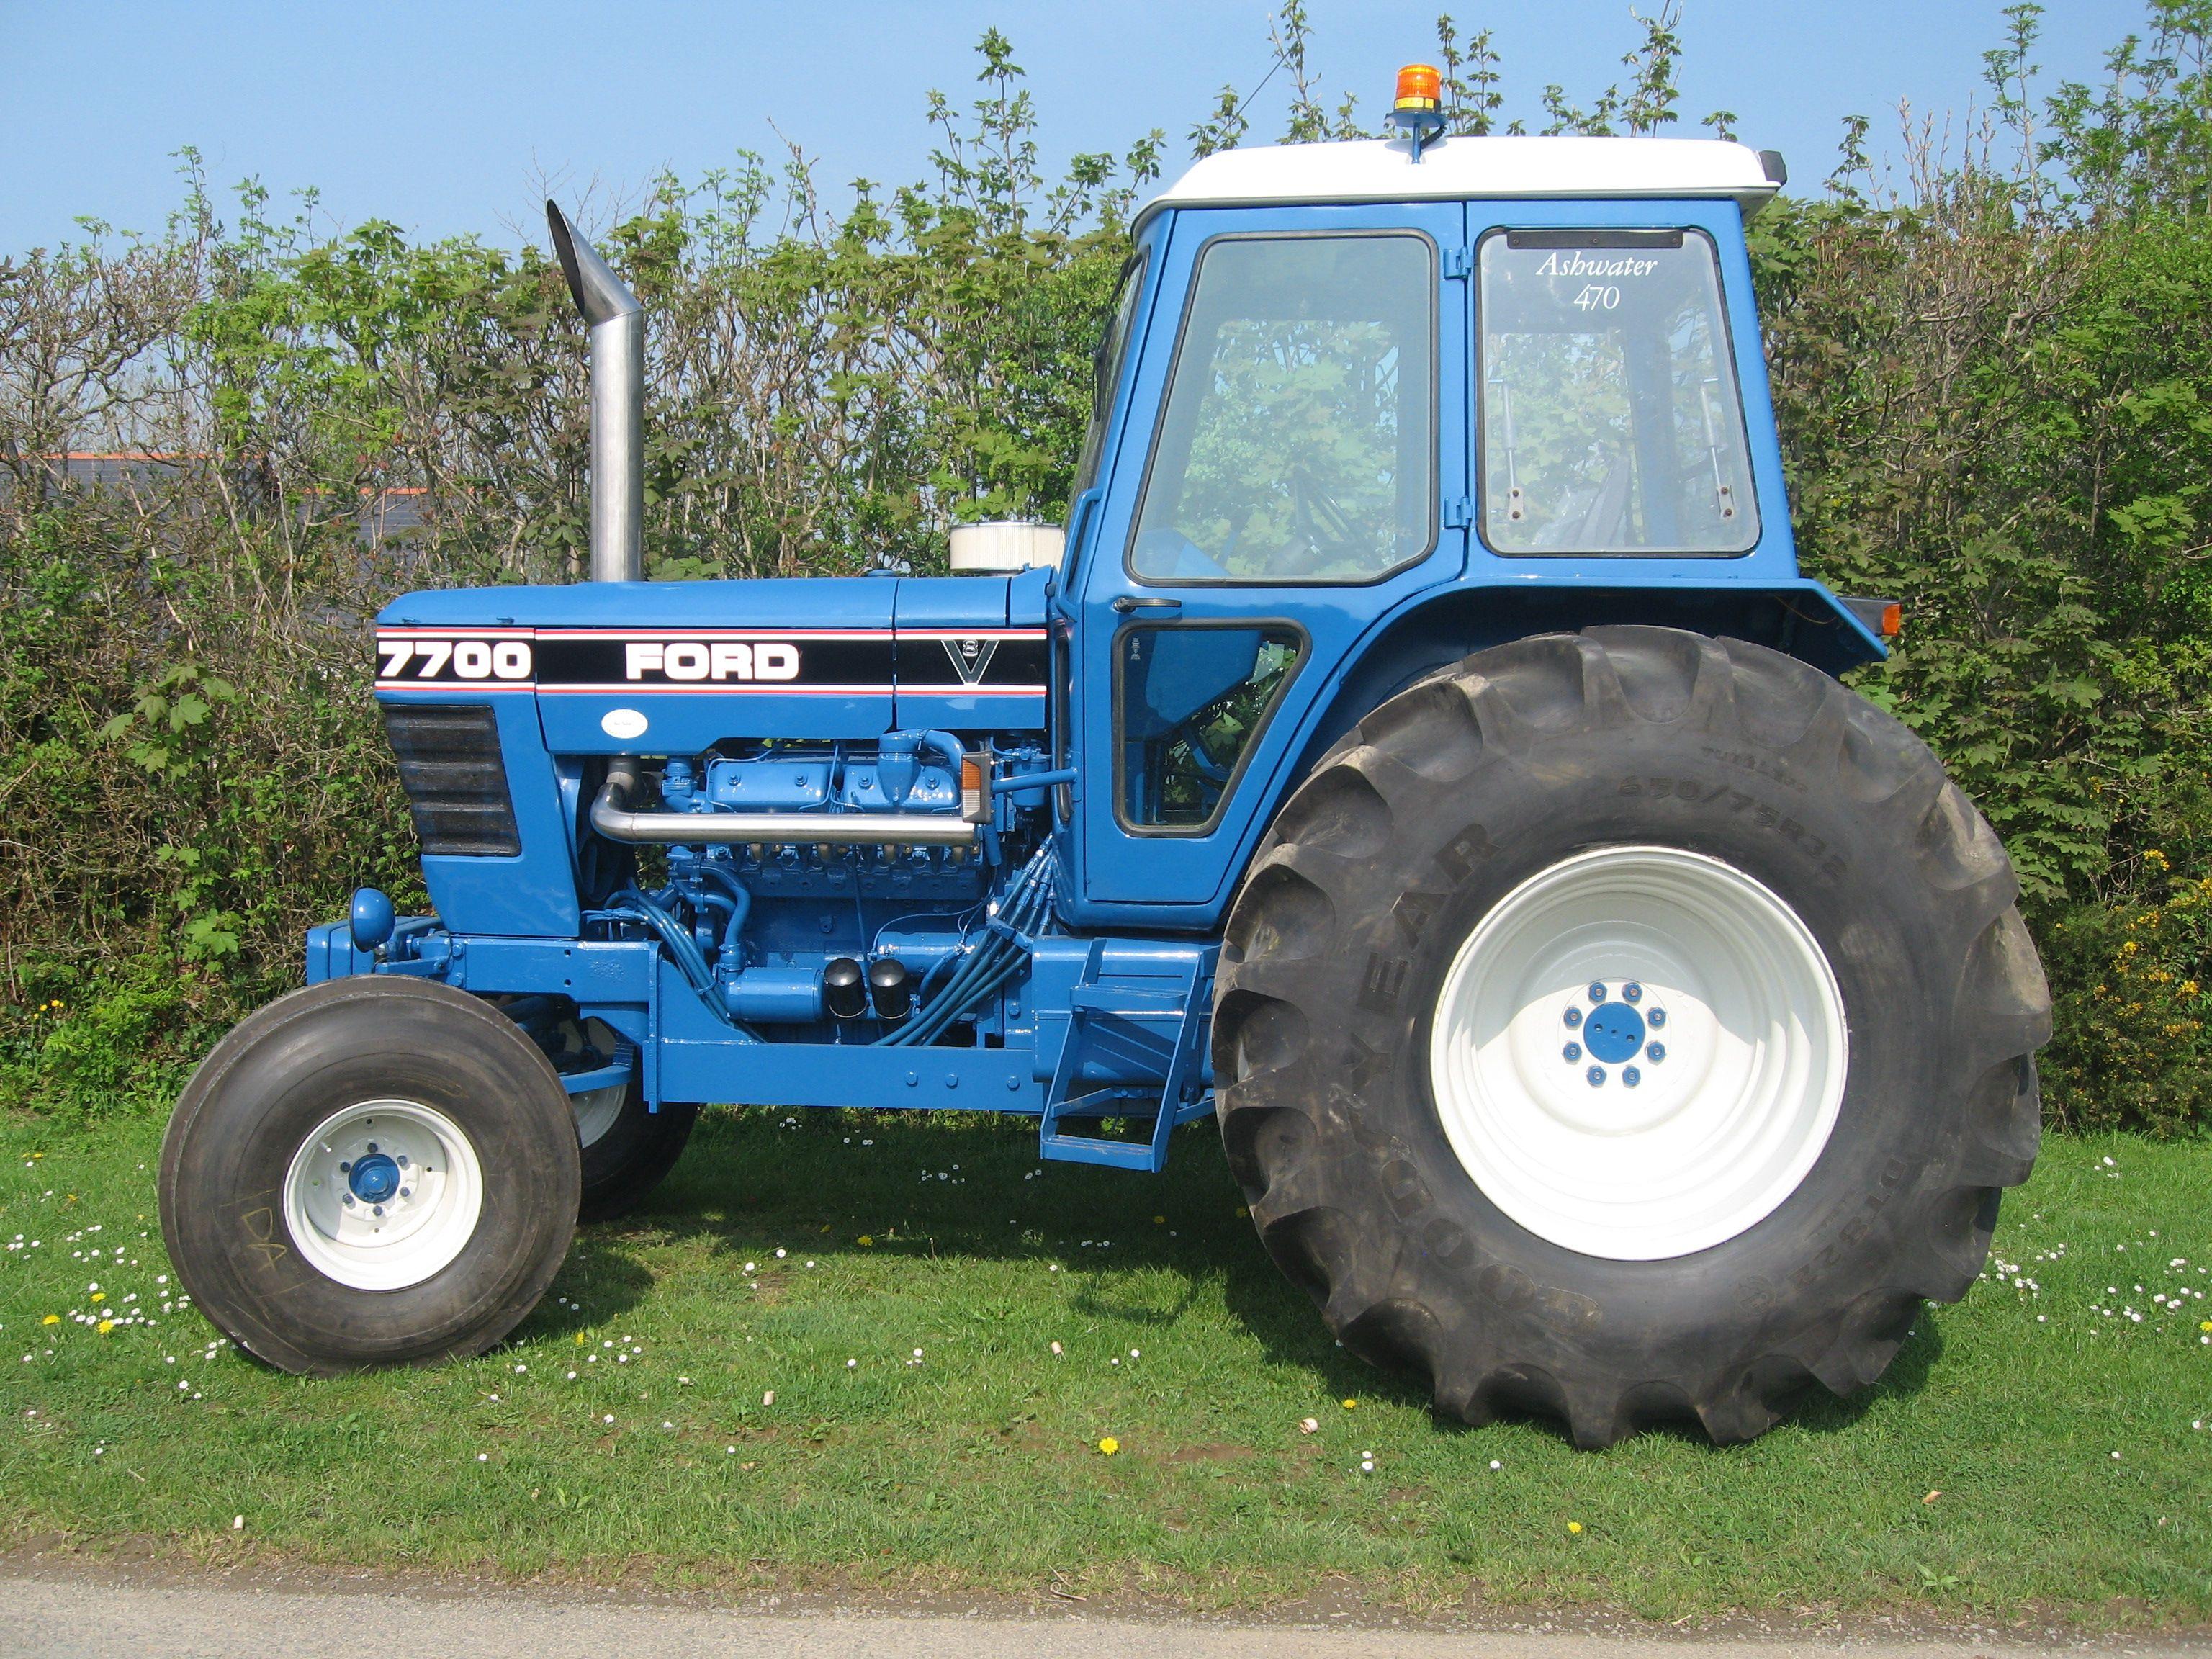 Luke Furse S 7700 V8 Ford Tractors Antique Tractors